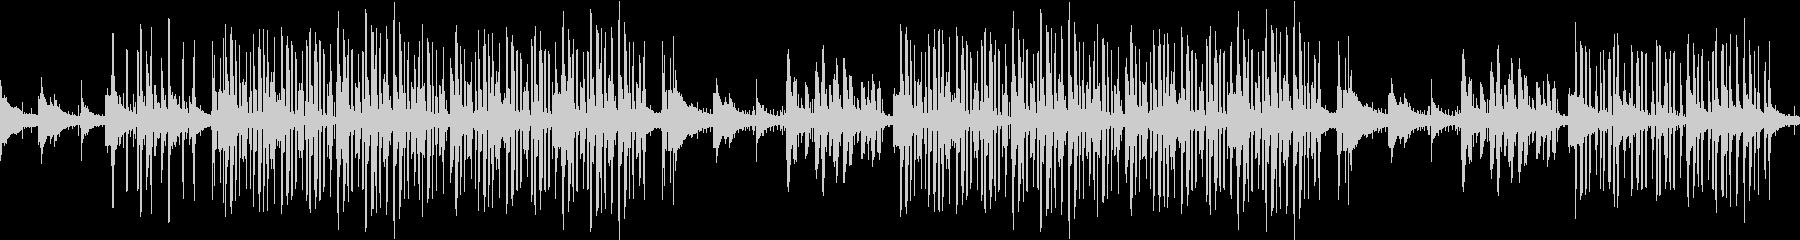 チル・ヒップホップ・夜・ローファイ・エモの未再生の波形